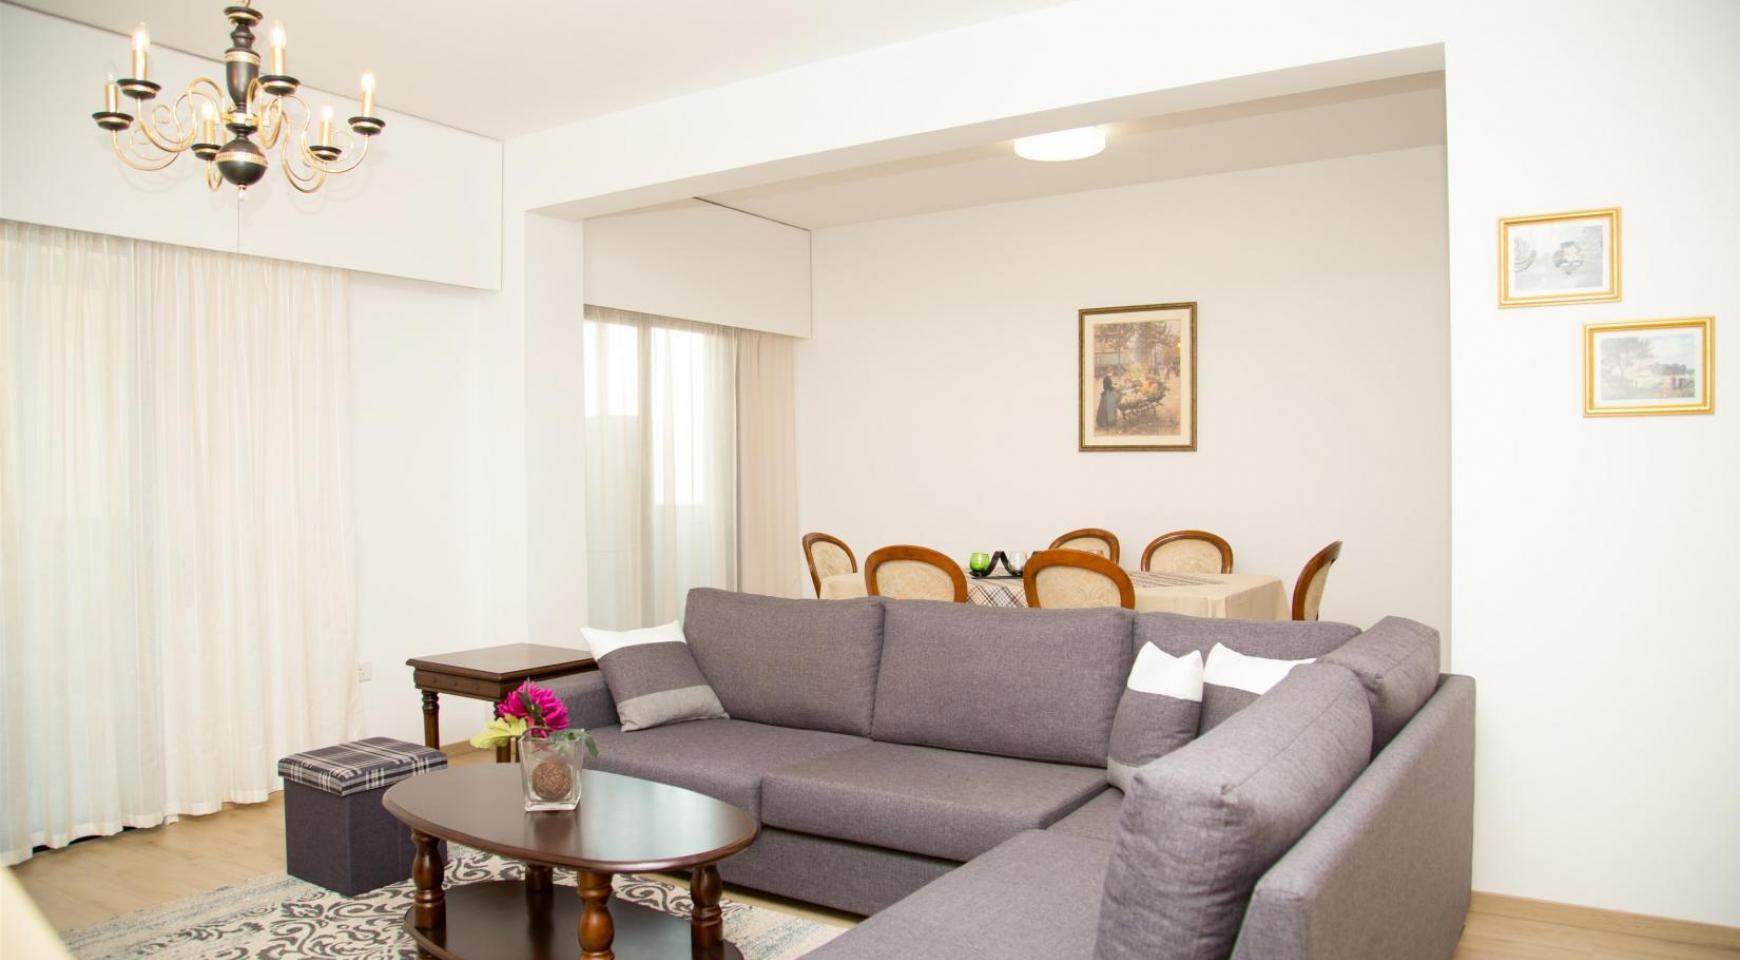 Полностью Отремонтированная 3-Спальная Квартира Класса Люкс на Первой Линии от Моря - 3